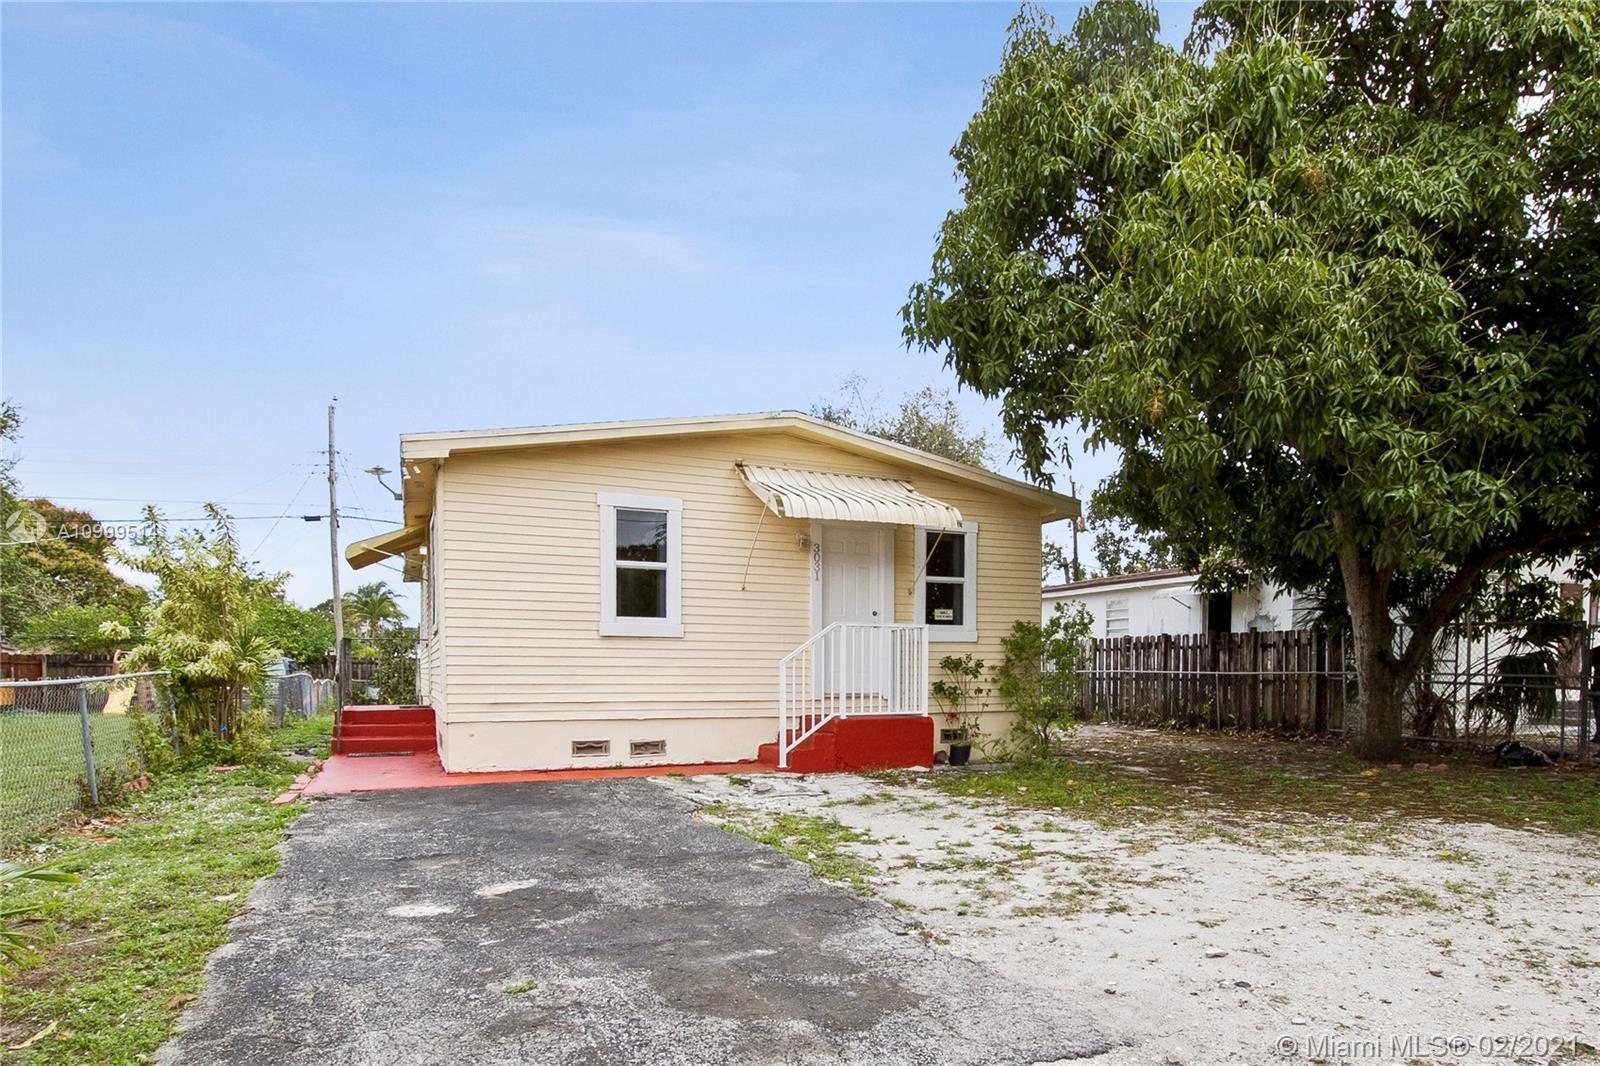 3031 NW 95th St, Miami, FL 33147 - #: A10999514